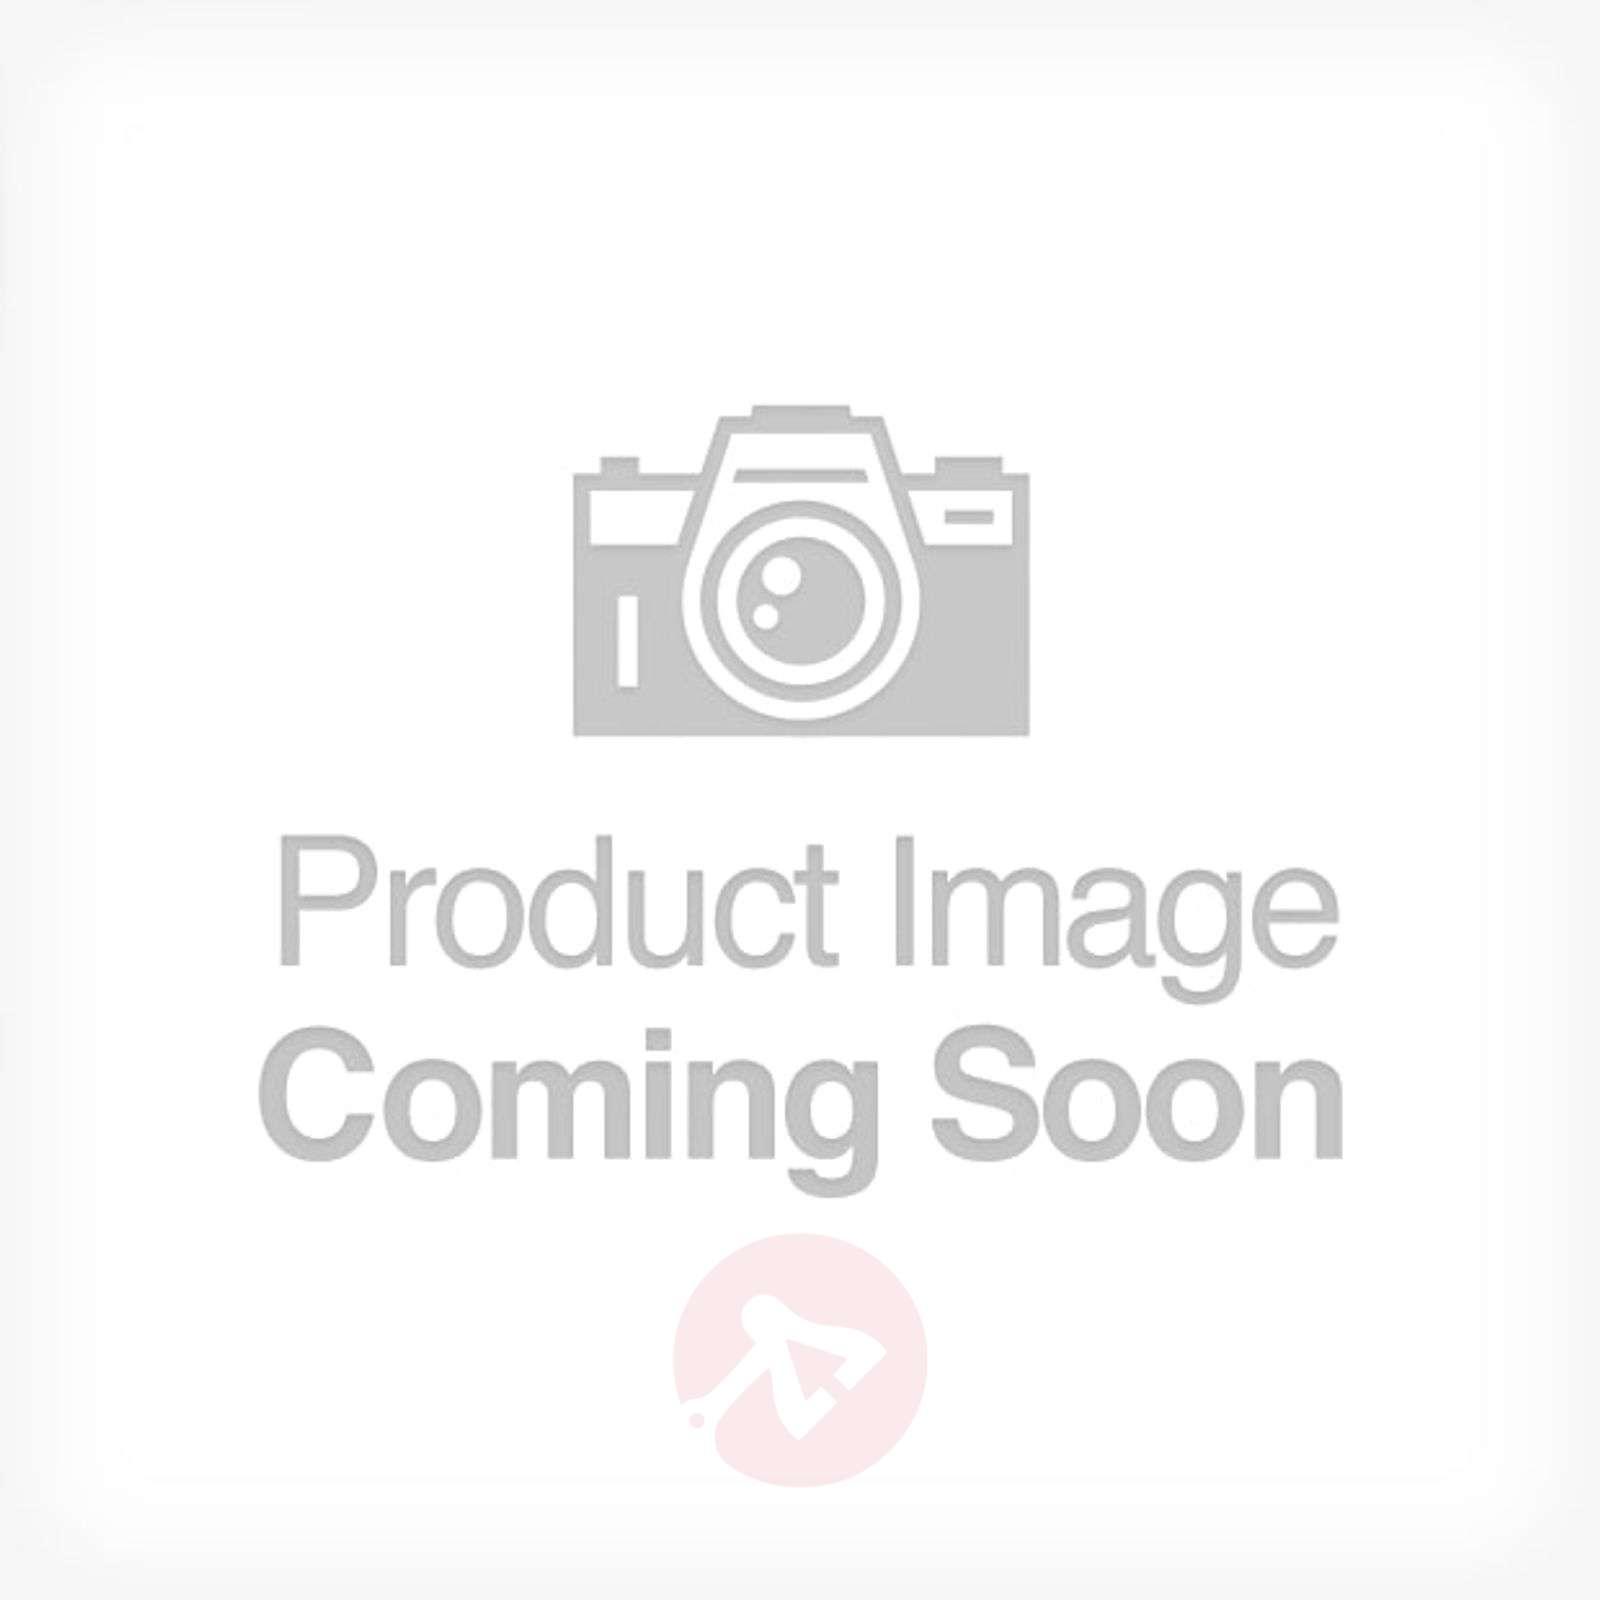 TAKETA-kattovalaisin kylpyhuoneeseen, kromia-1020072-03